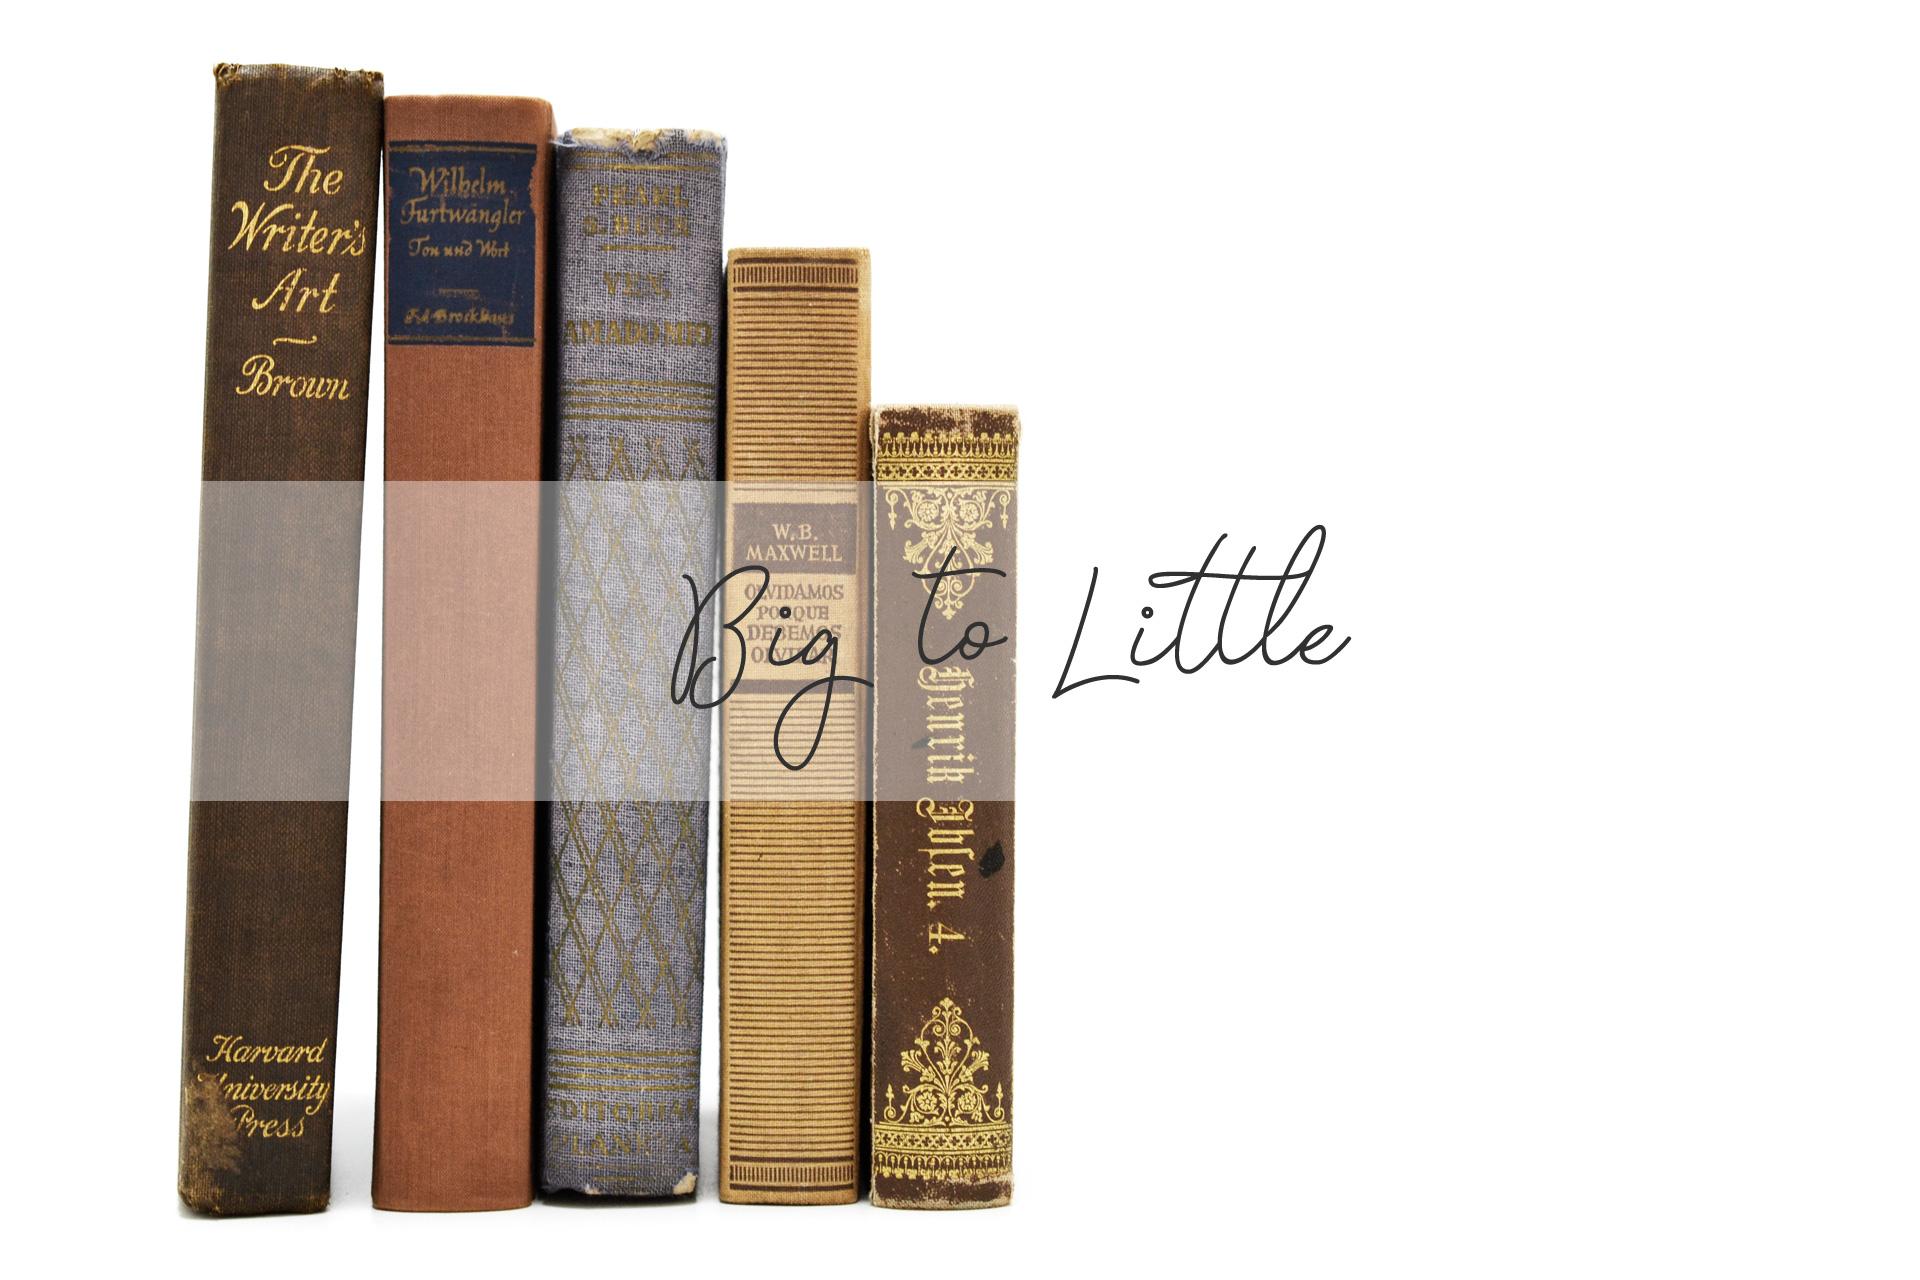 大きい本から小さい本の順に飾る